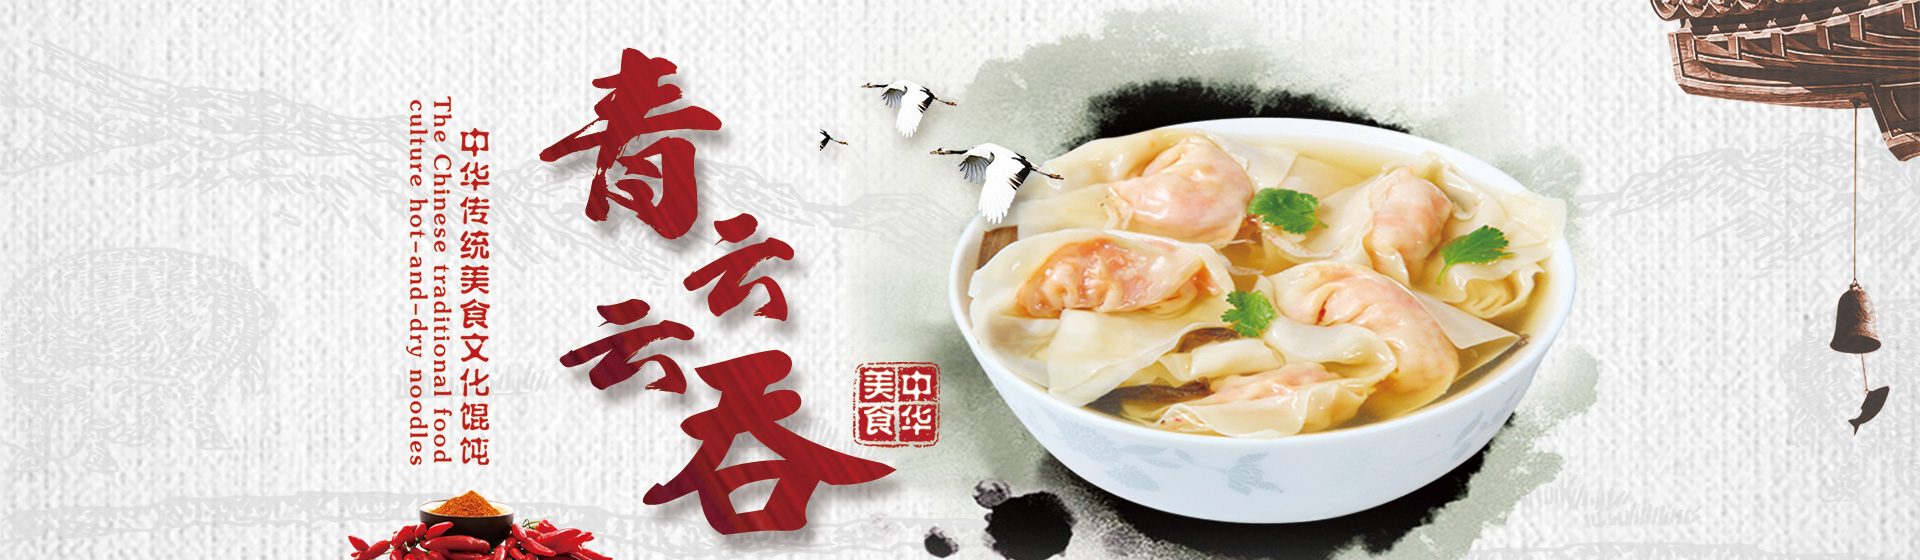 柳州传统美食